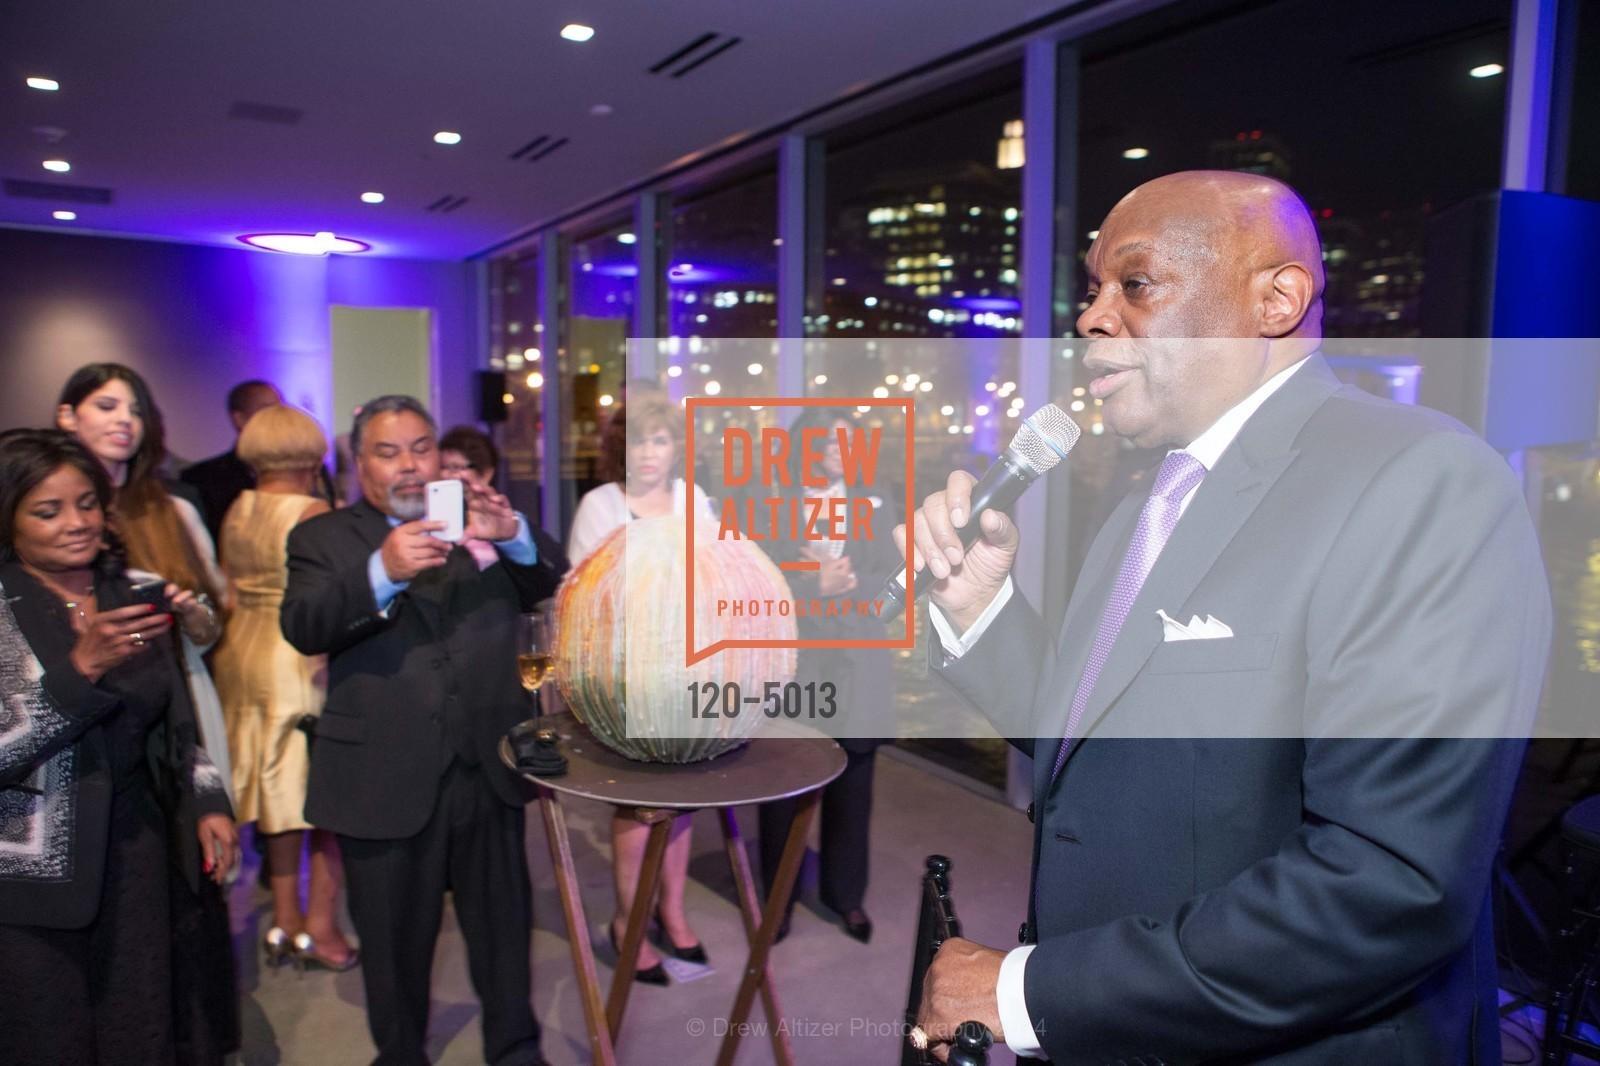 Willie Brown, Photo #120-5013